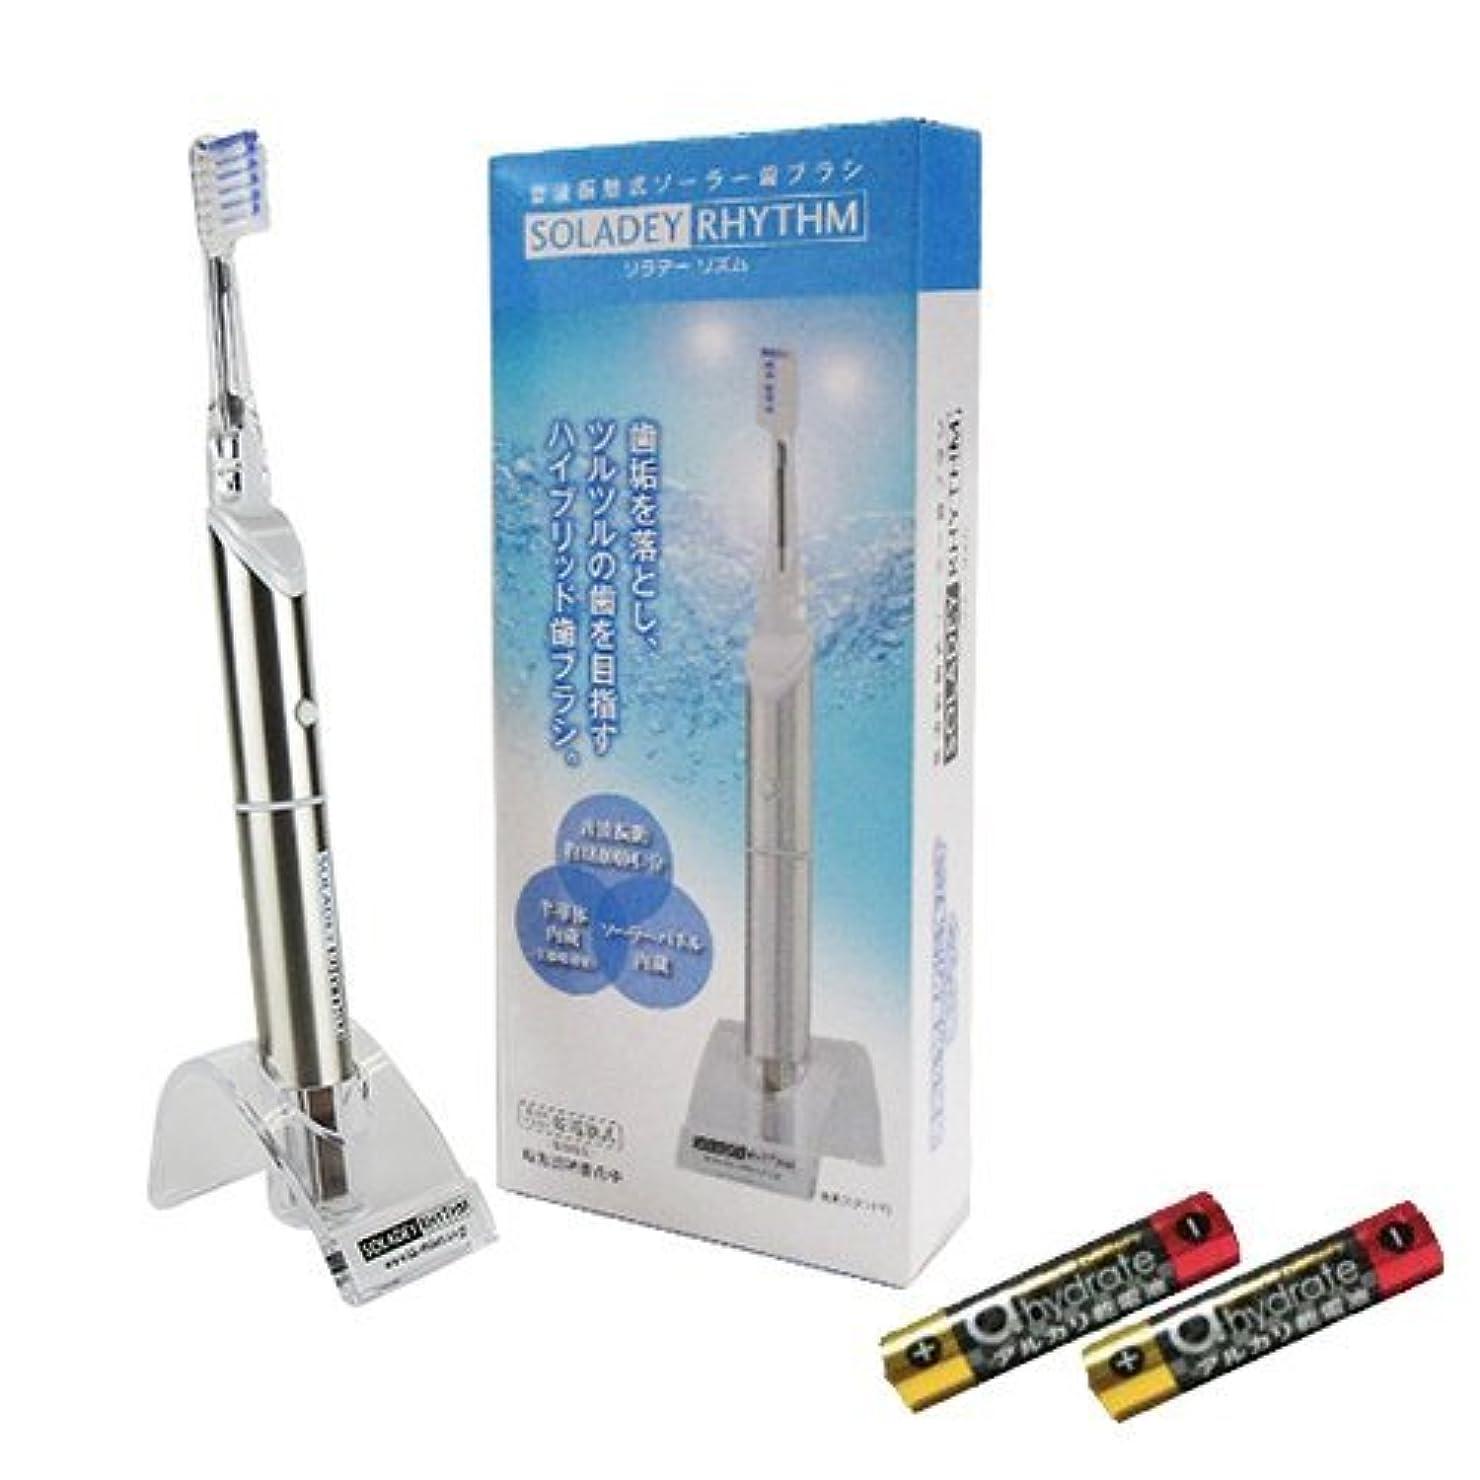 ほのかスキニー欺音波振動式ソーラー歯ブラシ ソラデー リズム (シルキーホワイト) 単4アルカリ乾電池2本付き